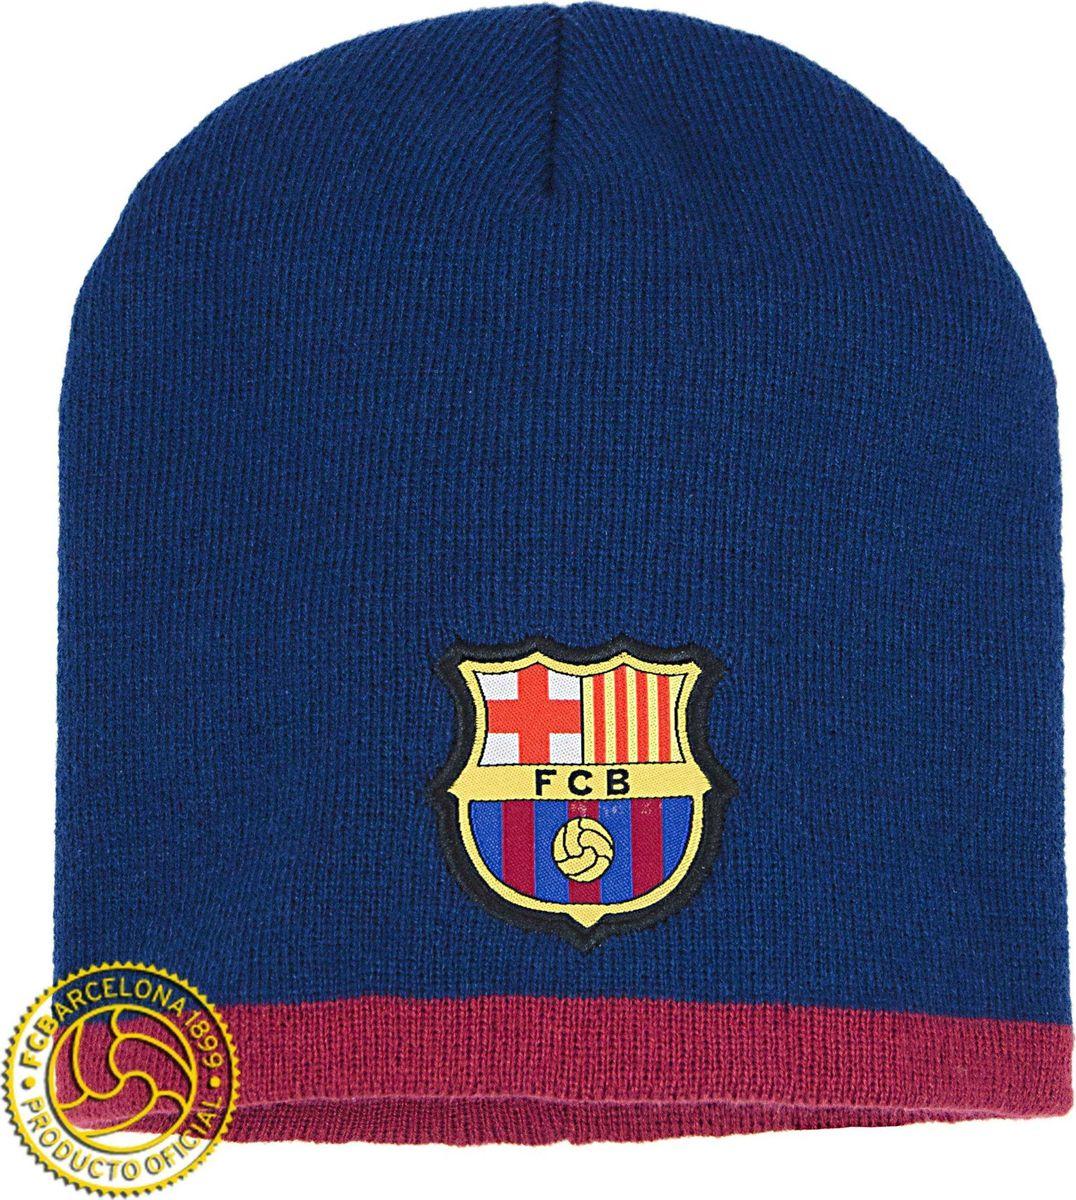 Шапка мужская Atributika & Club Barcelona, цвет: синий. 115103. Размер 55/58115103Классическая шапка Atributika & Club с объемным вышитым логотипом футбольного клуба. Выполнена из 100% акрила. Данная шапка является сертифицированным продуктом футбольного клуба Барселона, упакована в индивидуальную упаковку, защищена голограммой, имеет уникальный штрих код.